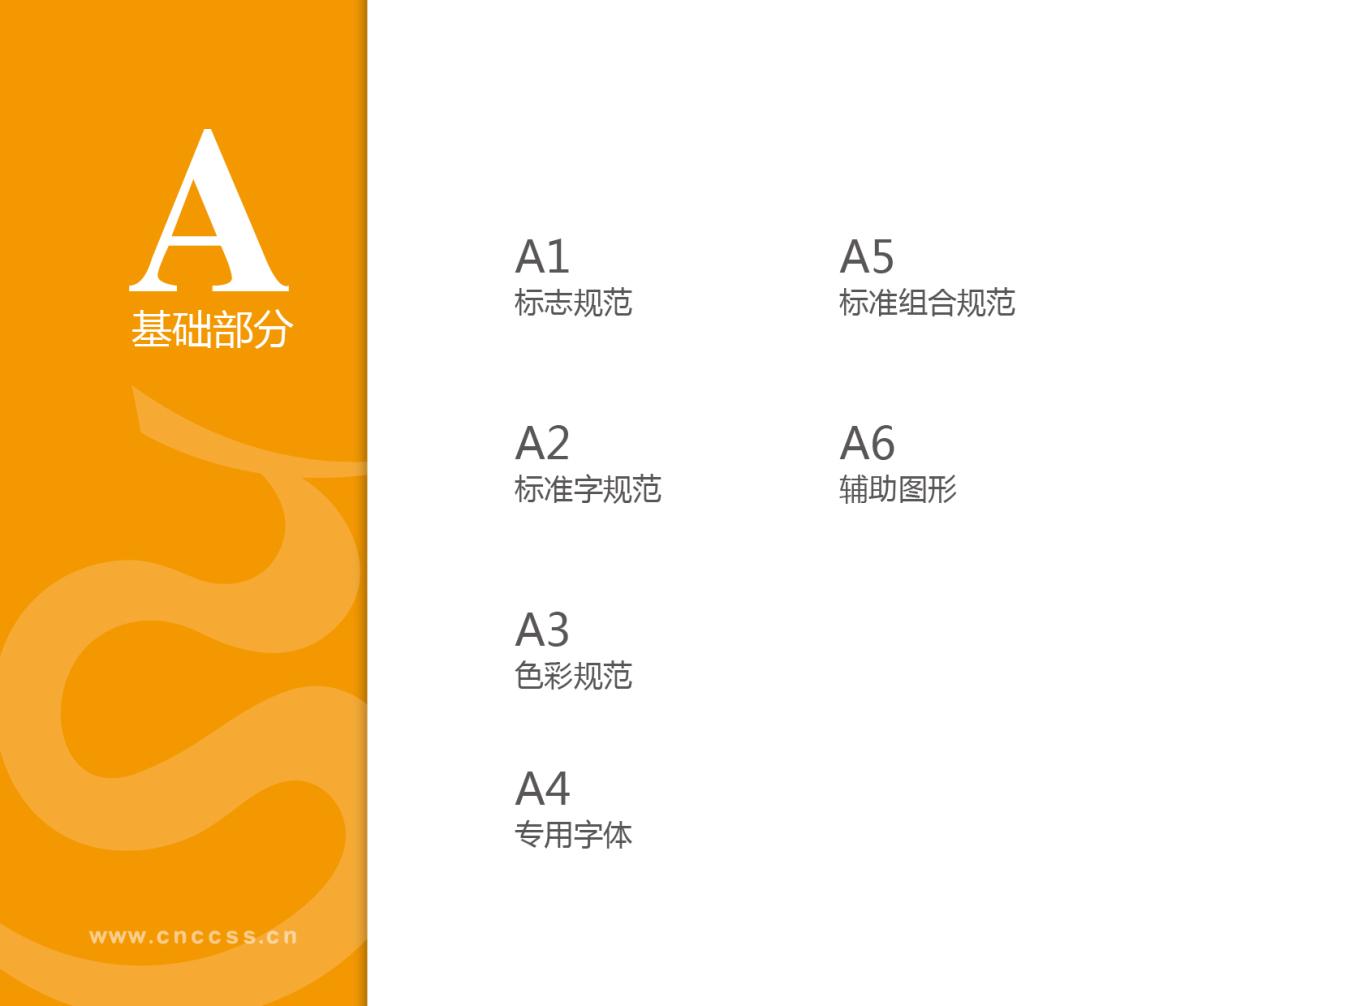 华唐教育集团 VI图33